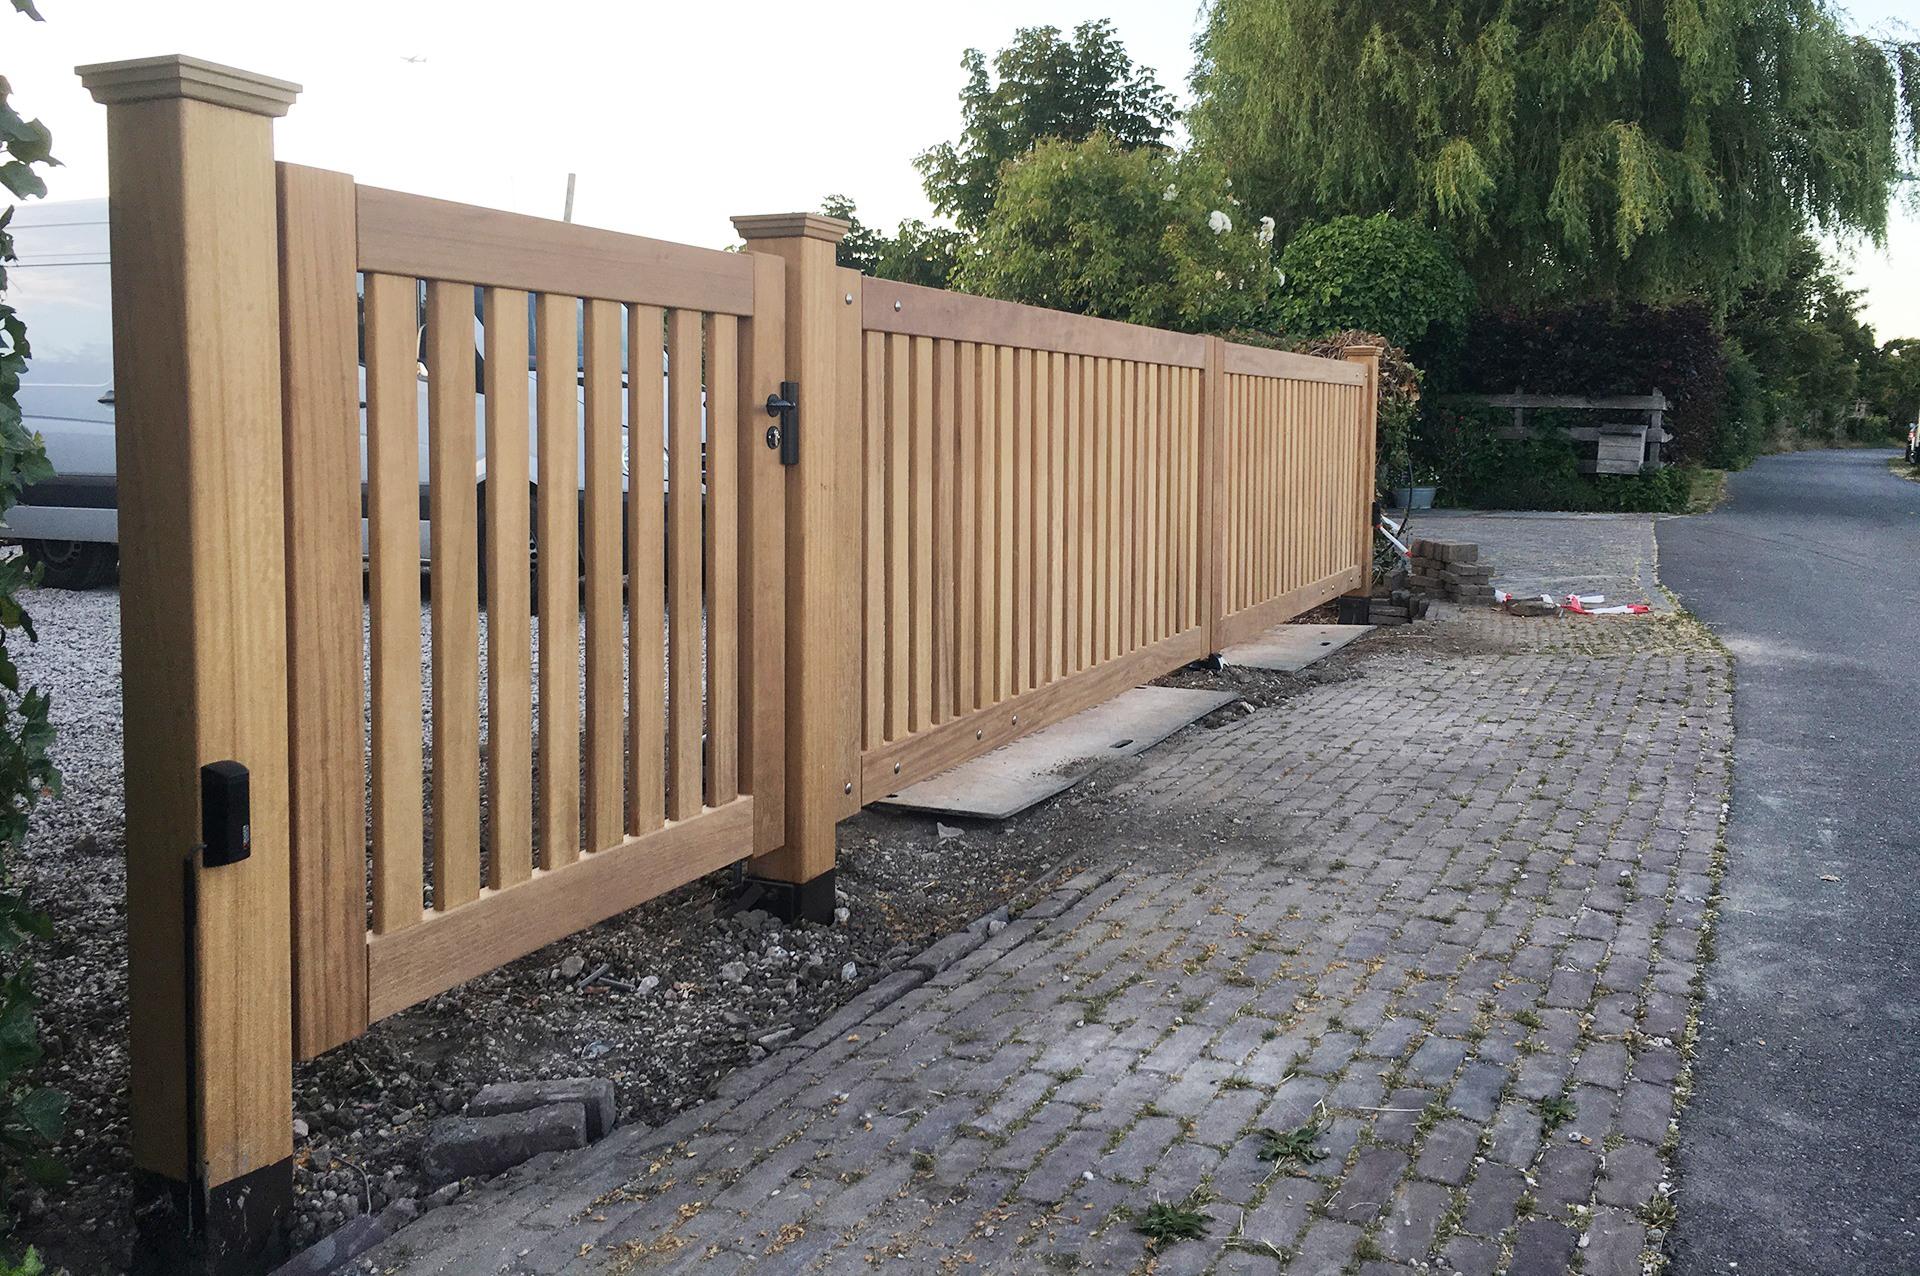 Elektrische poort. Moderne houten poort van Farm Poorten. Elektrische houten poort, draaipoort. Farm Poorten maakt houten hekken, houten poorten en houten hekwerk op maat. Duurzaam vakmanschap. Alles in één hand, van productie tot en met installatie en poortautomatisering.